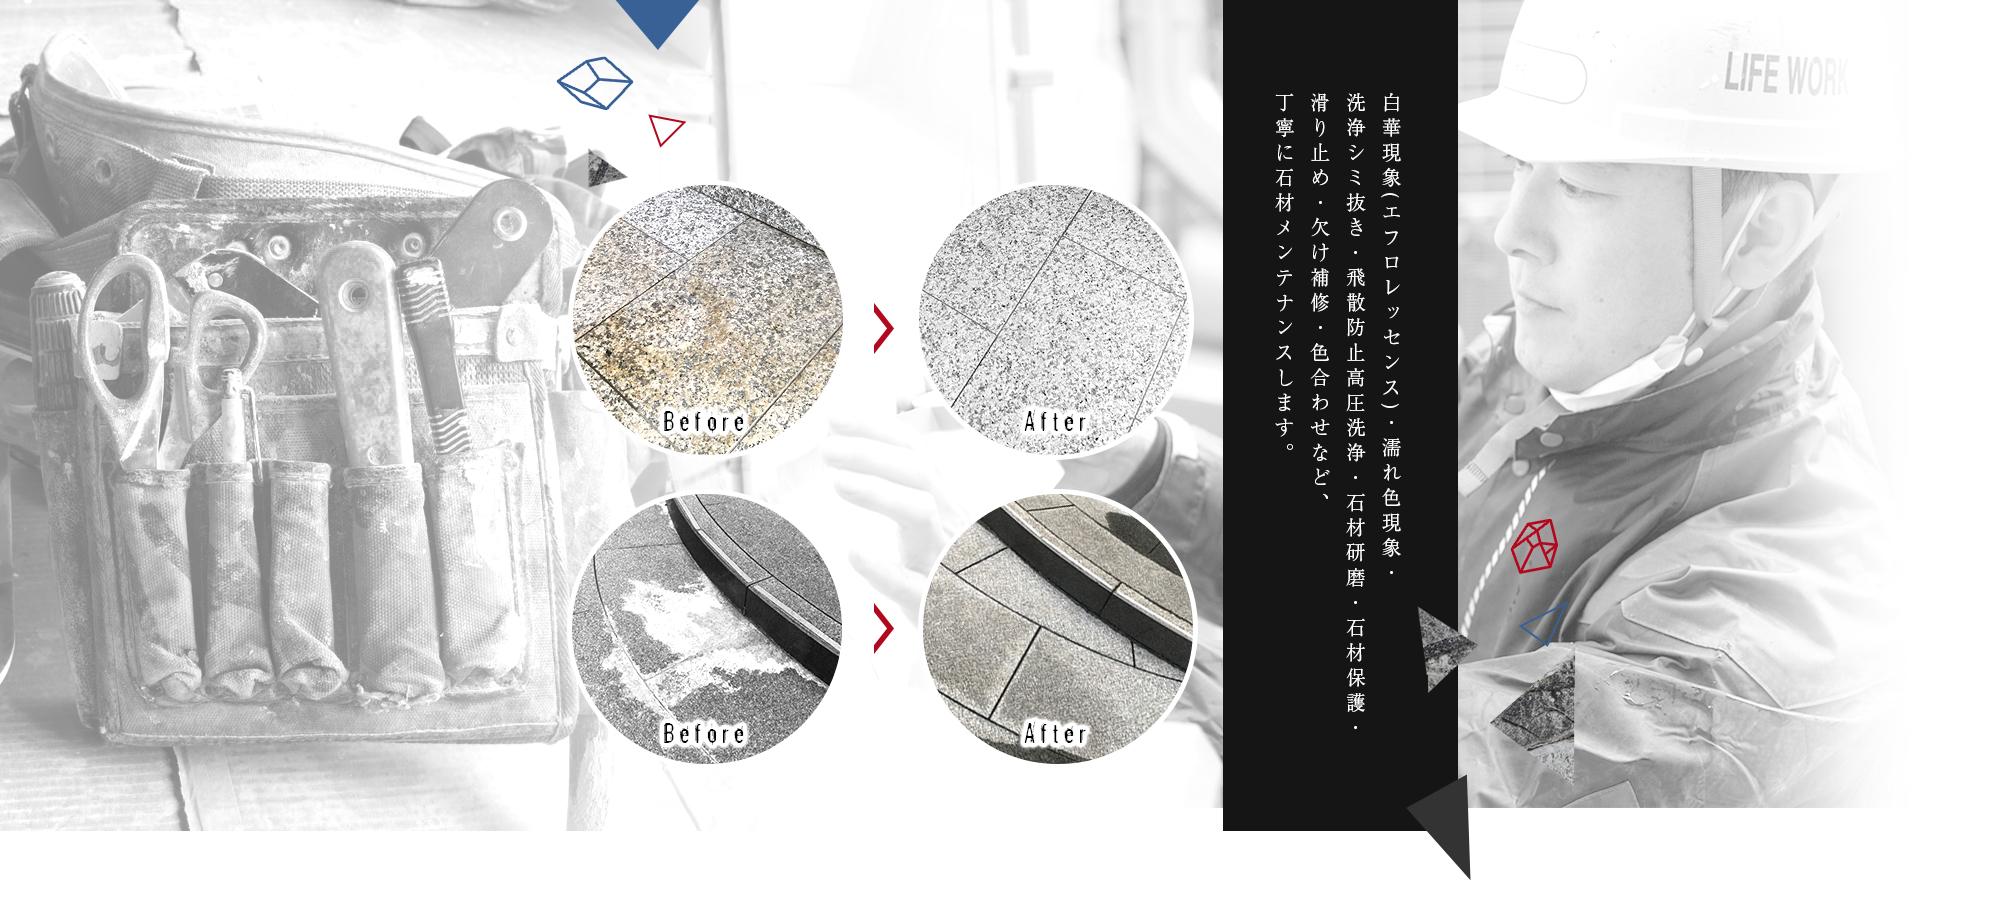 白華現象(エフロレッセンス)・濡れ色現象・洗浄シミ抜き・飛散防止高圧洗浄・石材研磨・石材保護・滑り止め・欠け補修・色合わせなど、丁寧に石材メンテナンスします。